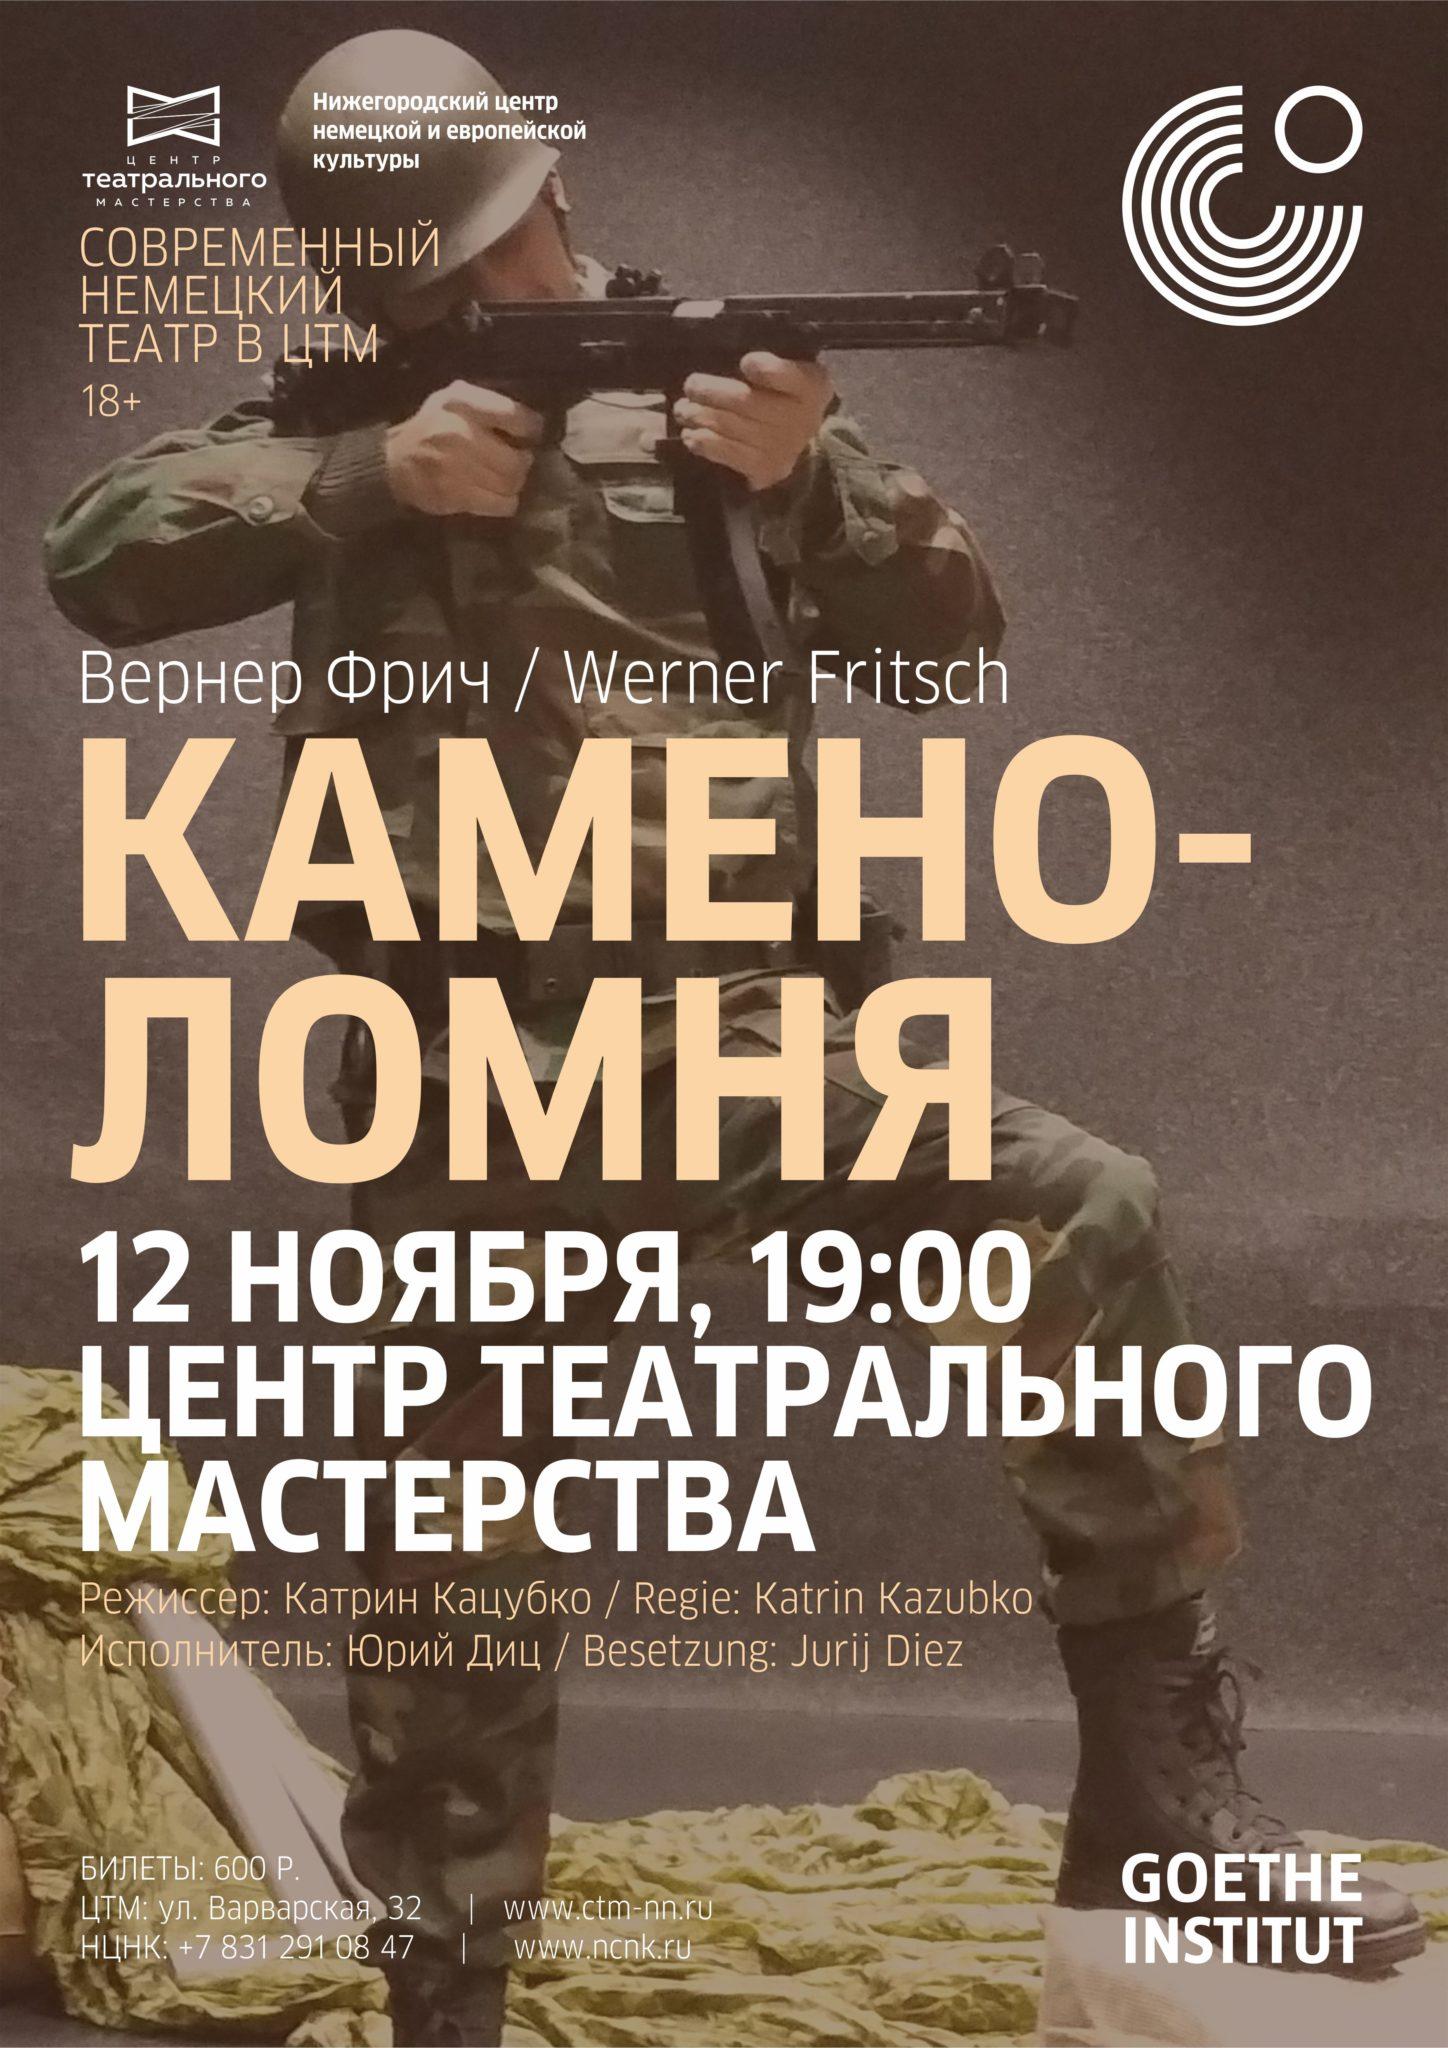 Показ спектакля «Каменоломня» в Нижнем Новгороде